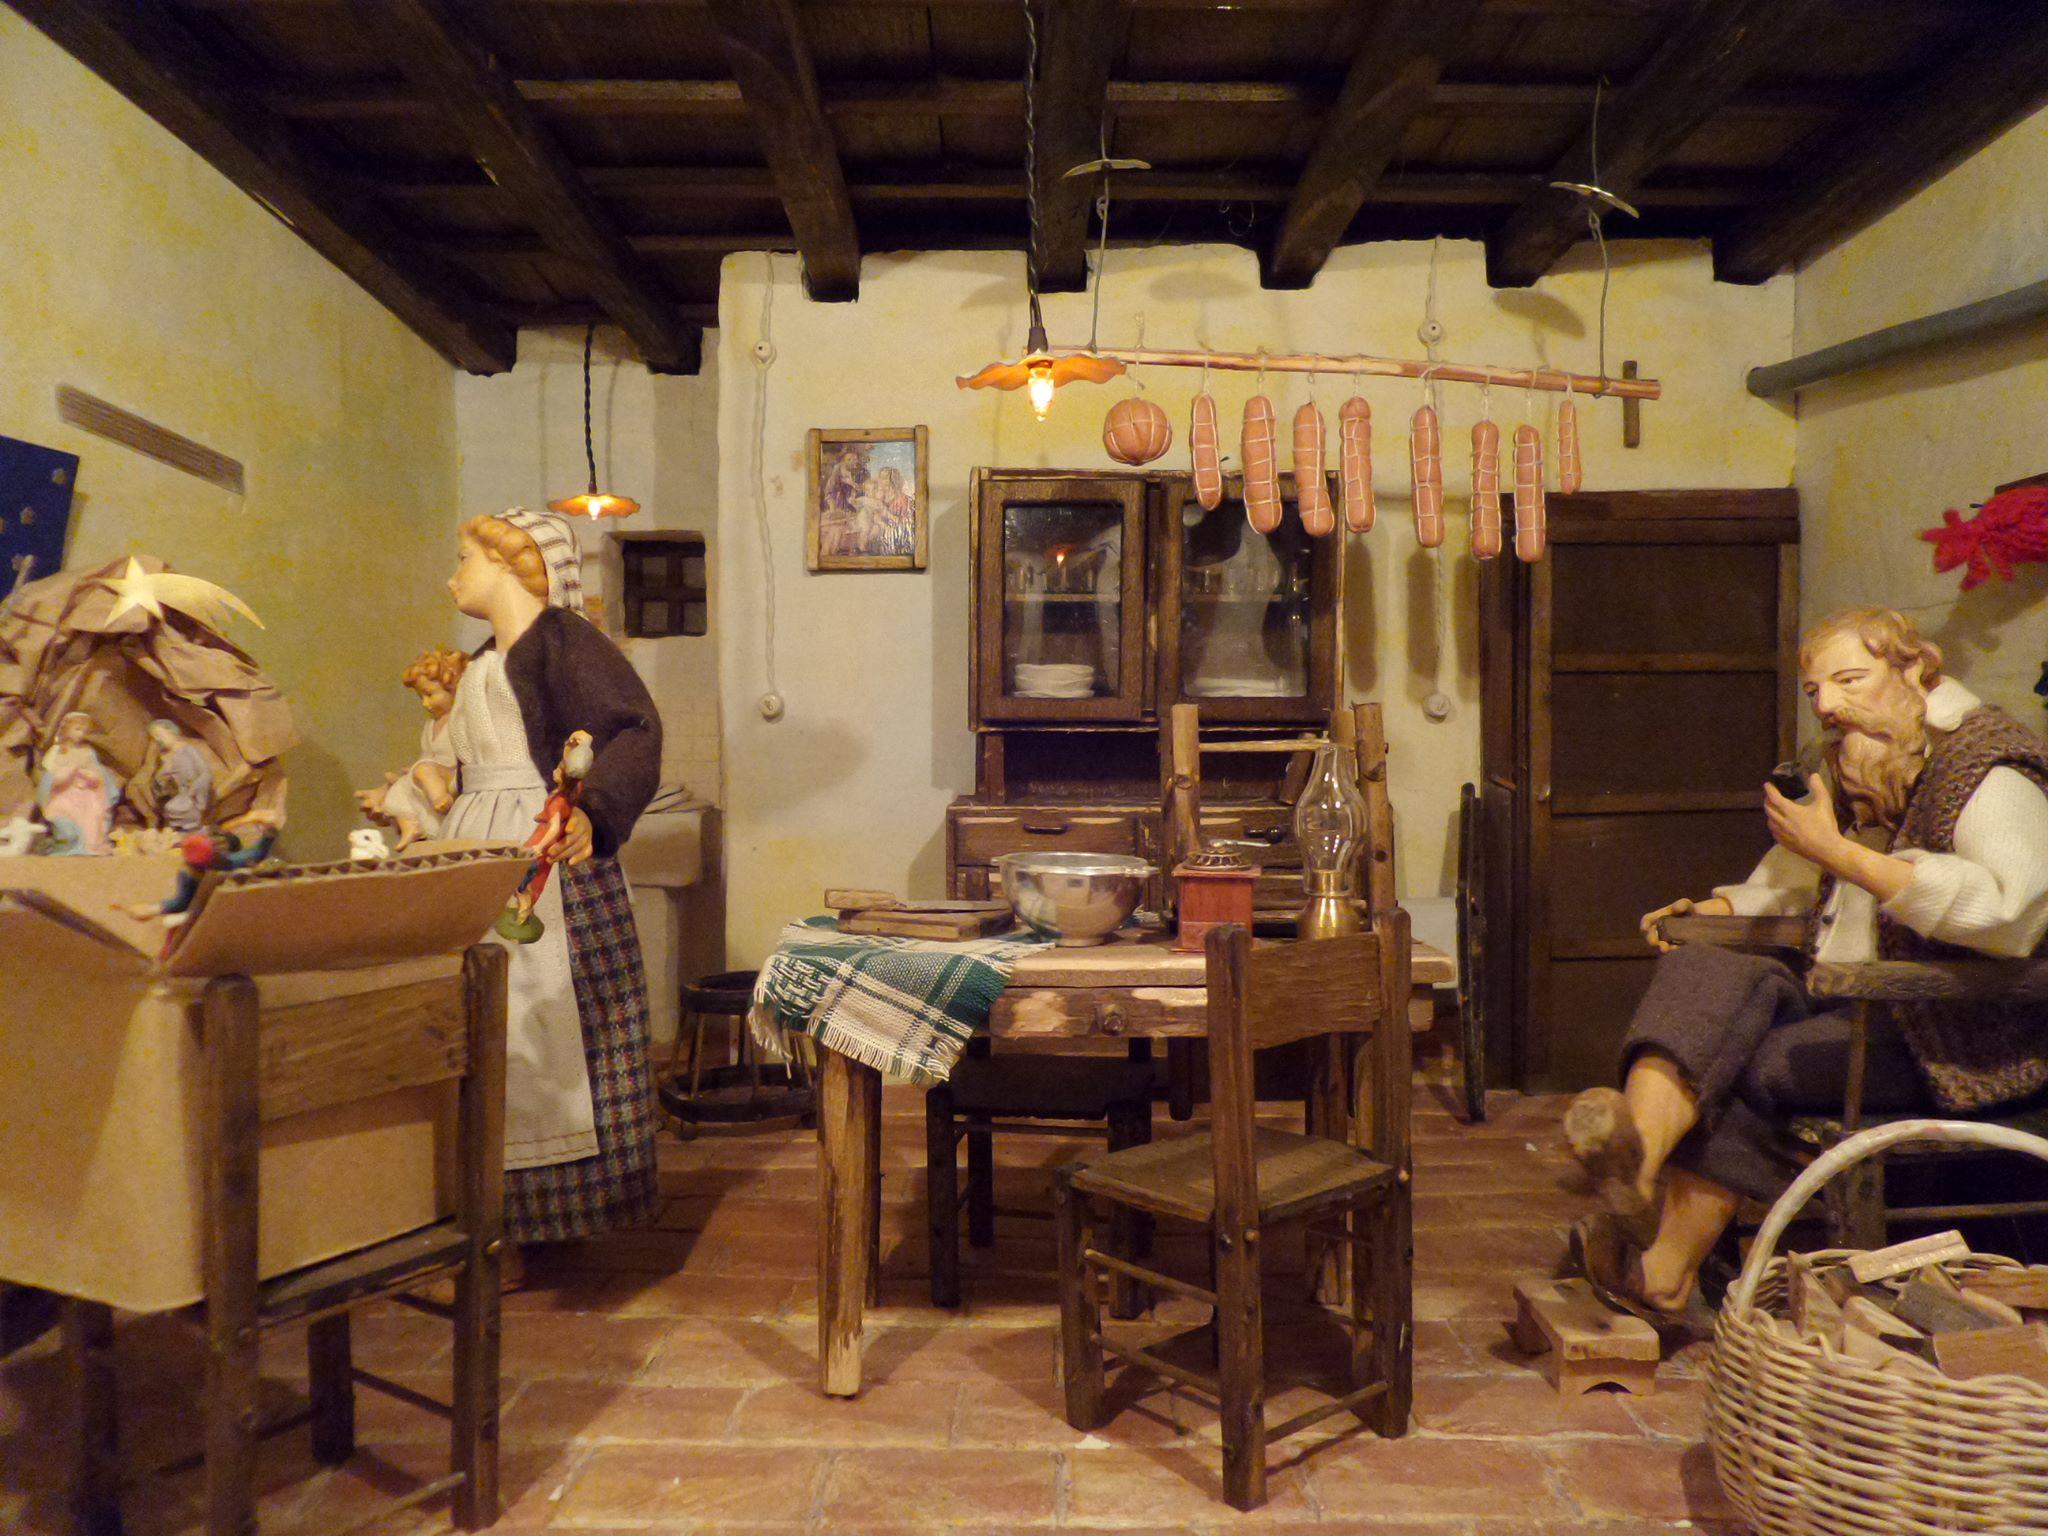 bianchini-gianfranco-e-anna-maria-natale-in-famiglia